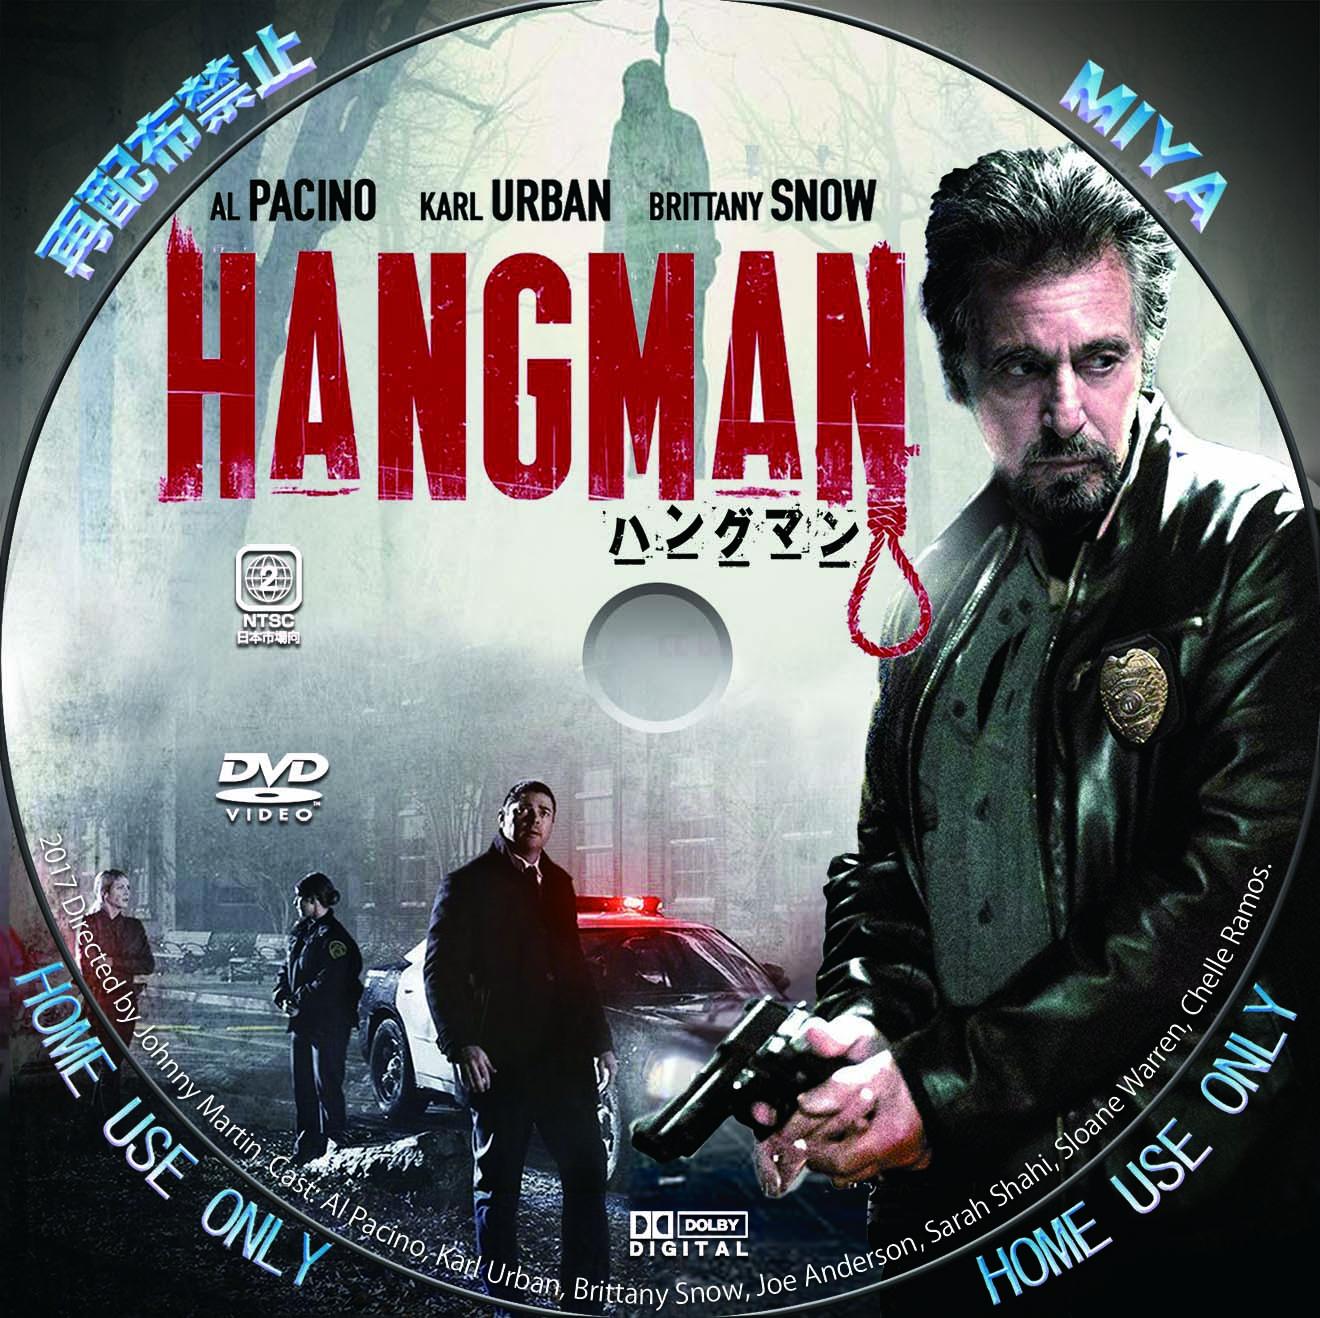 ハングマン DVD/BDレーベル